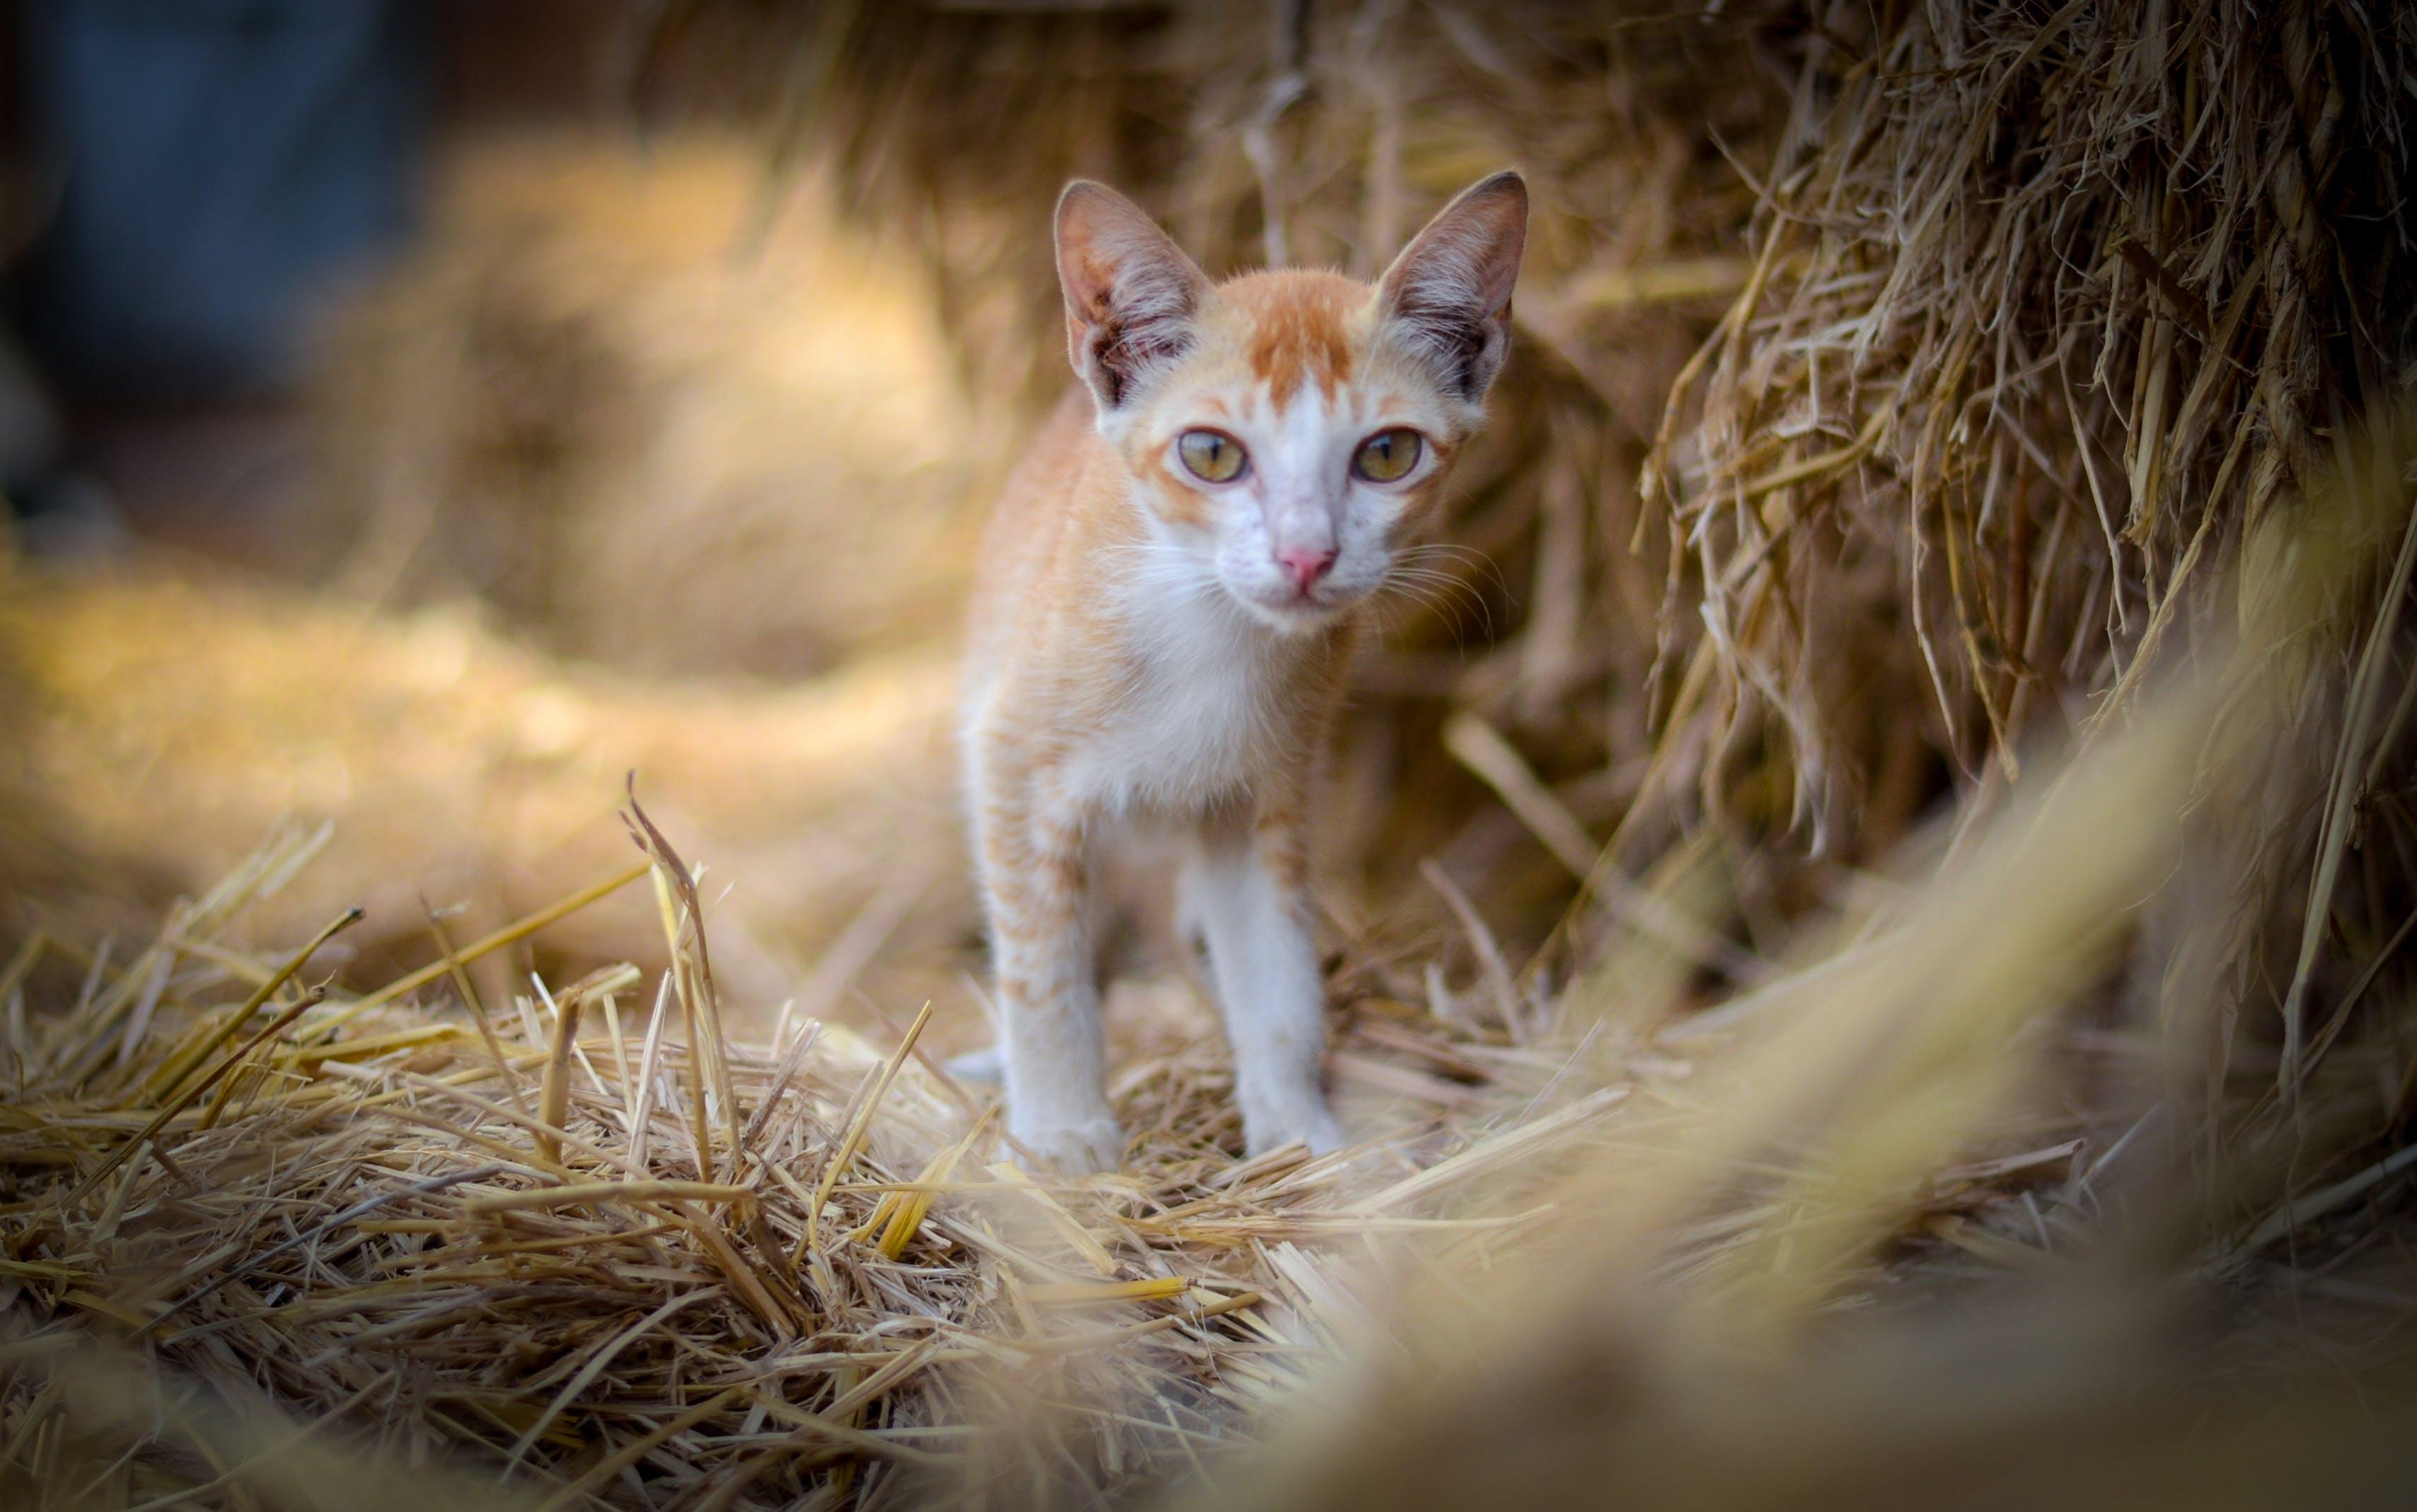 Foto stok gratis tentang anak kucing, kucing, kucing jalanan